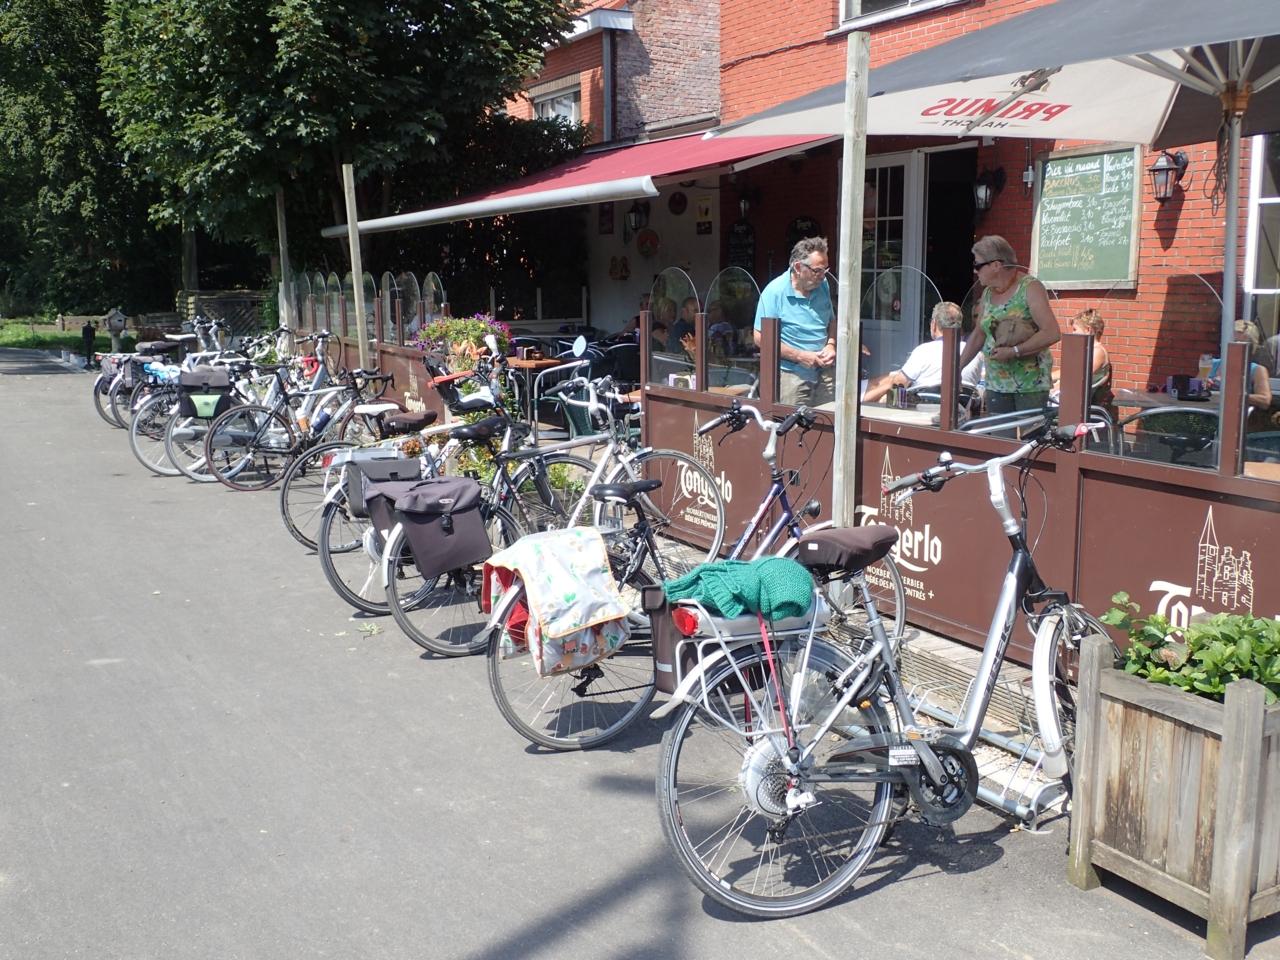 Cafe, syklister